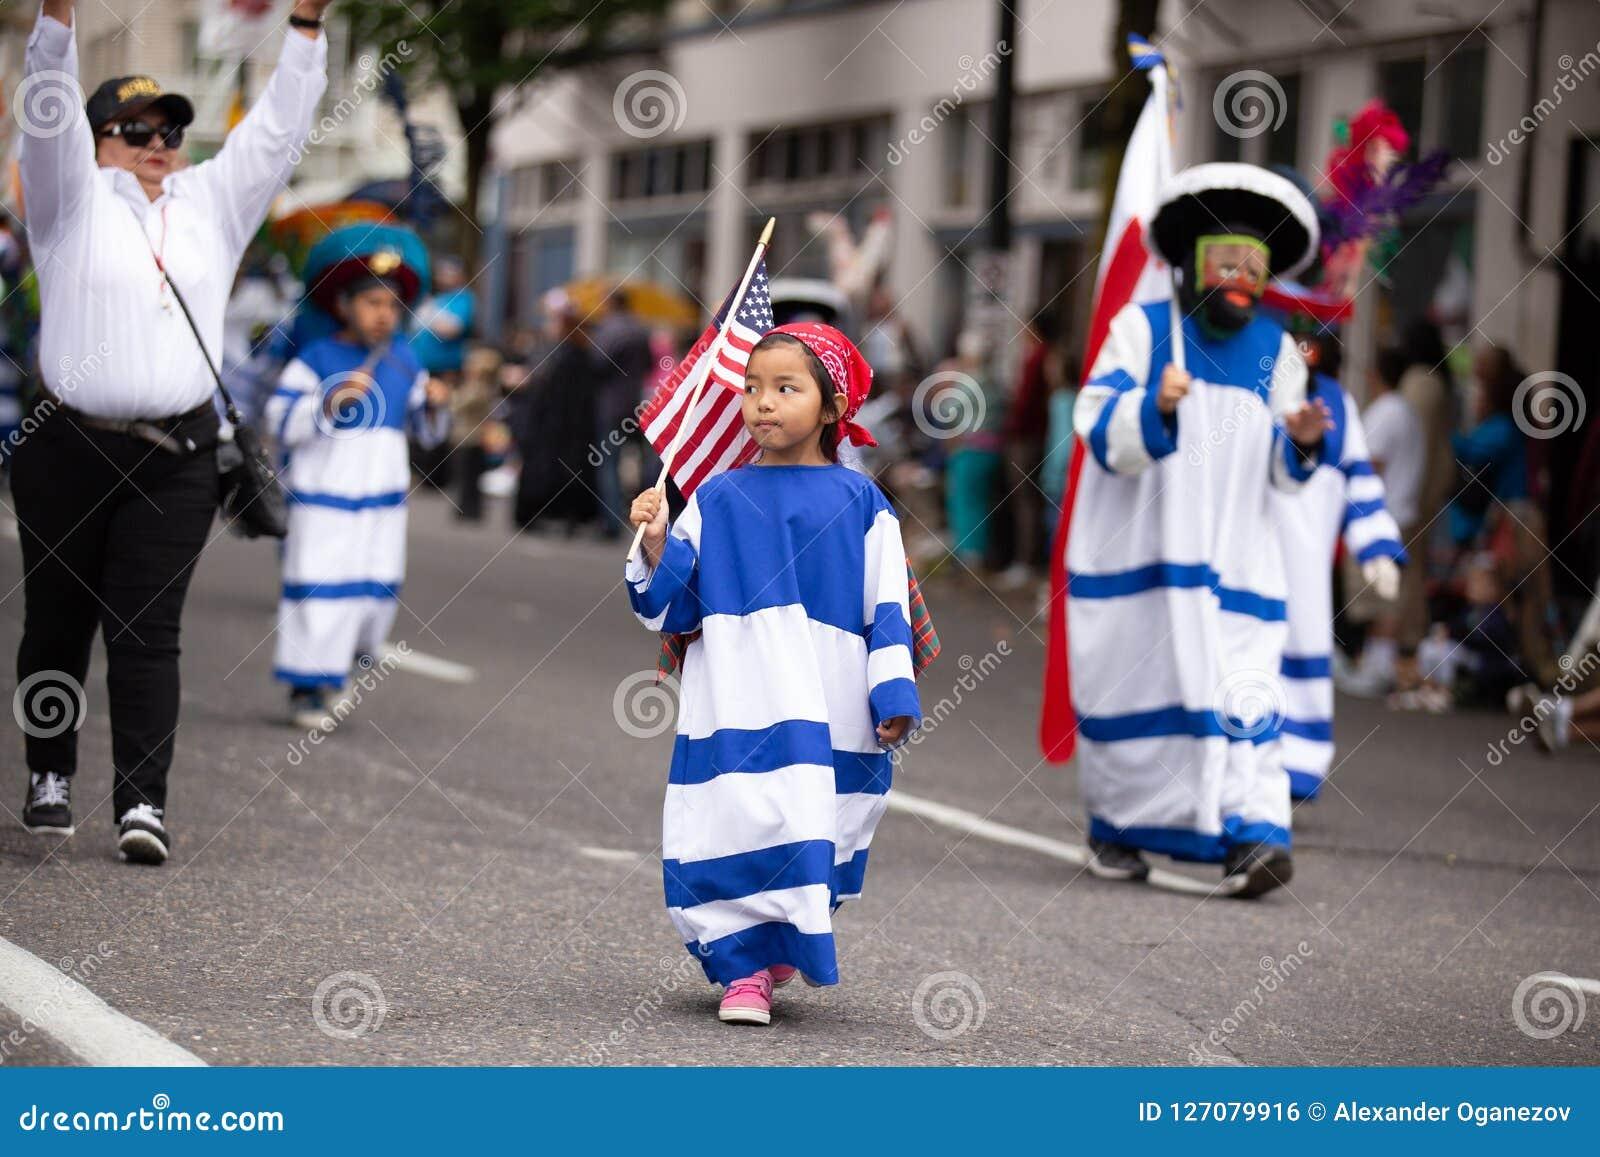 Kind, das amerikanische Flagge hält